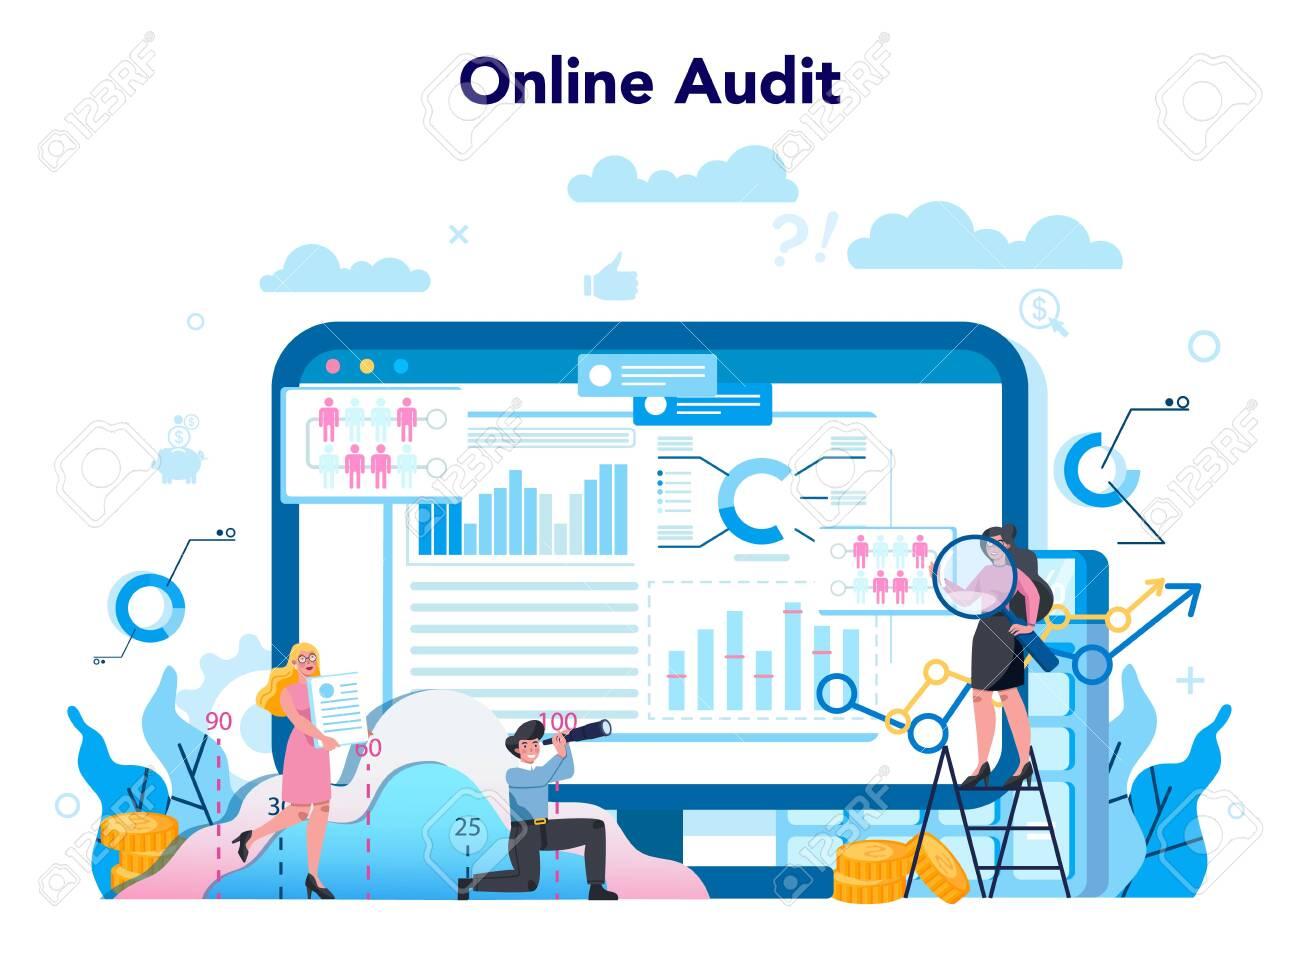 Audit online service or platform. Online business operation - 147213909